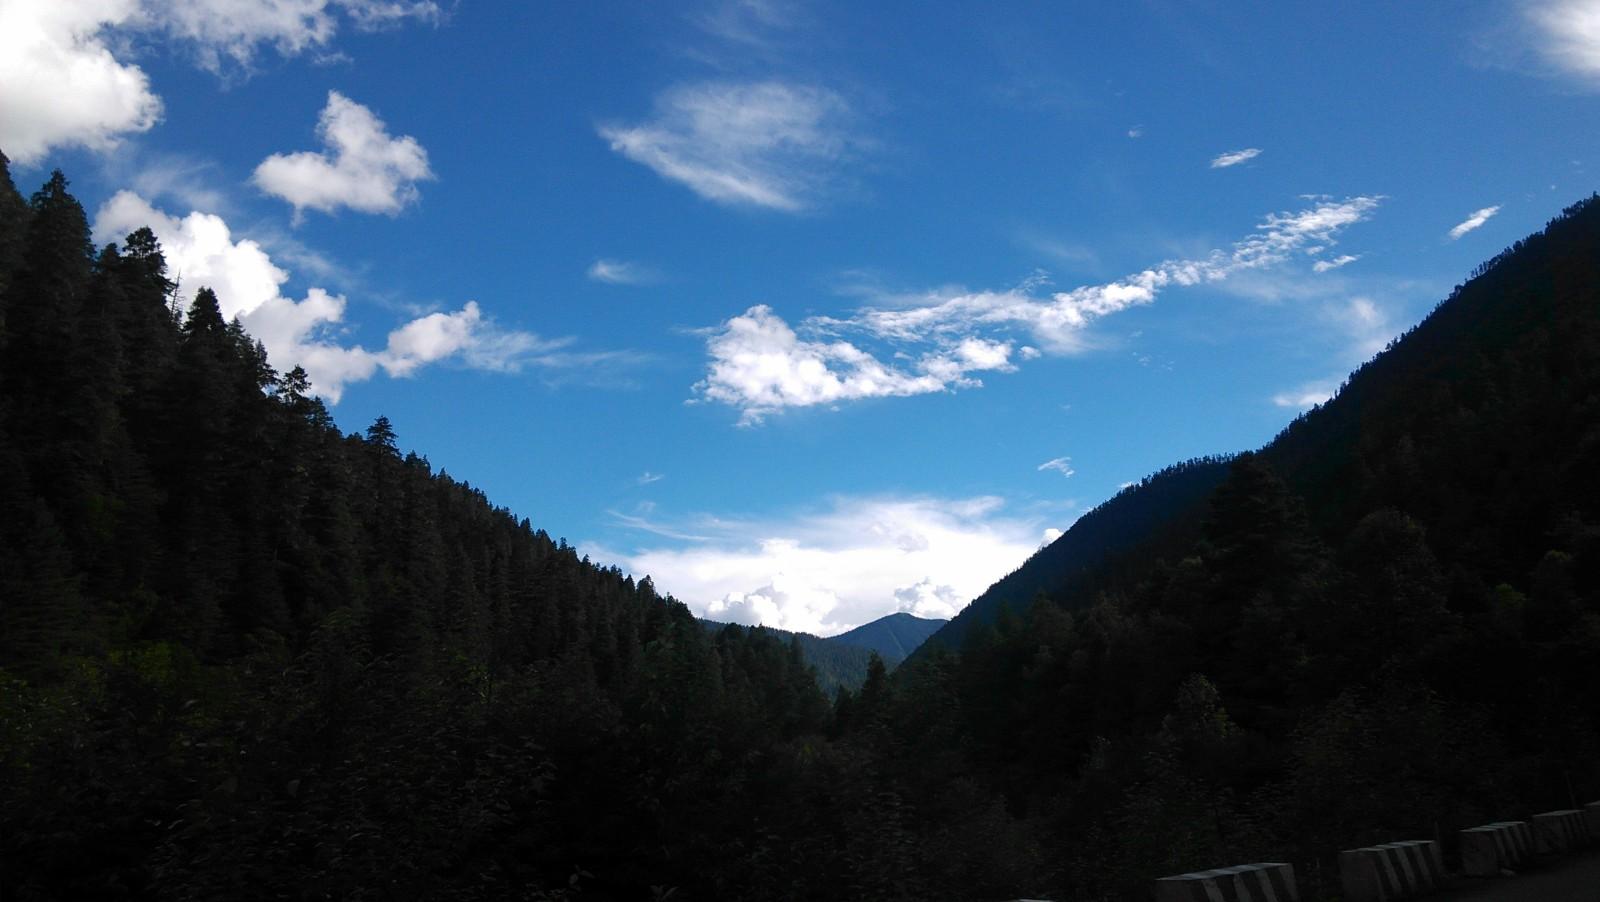 群山的裂缝